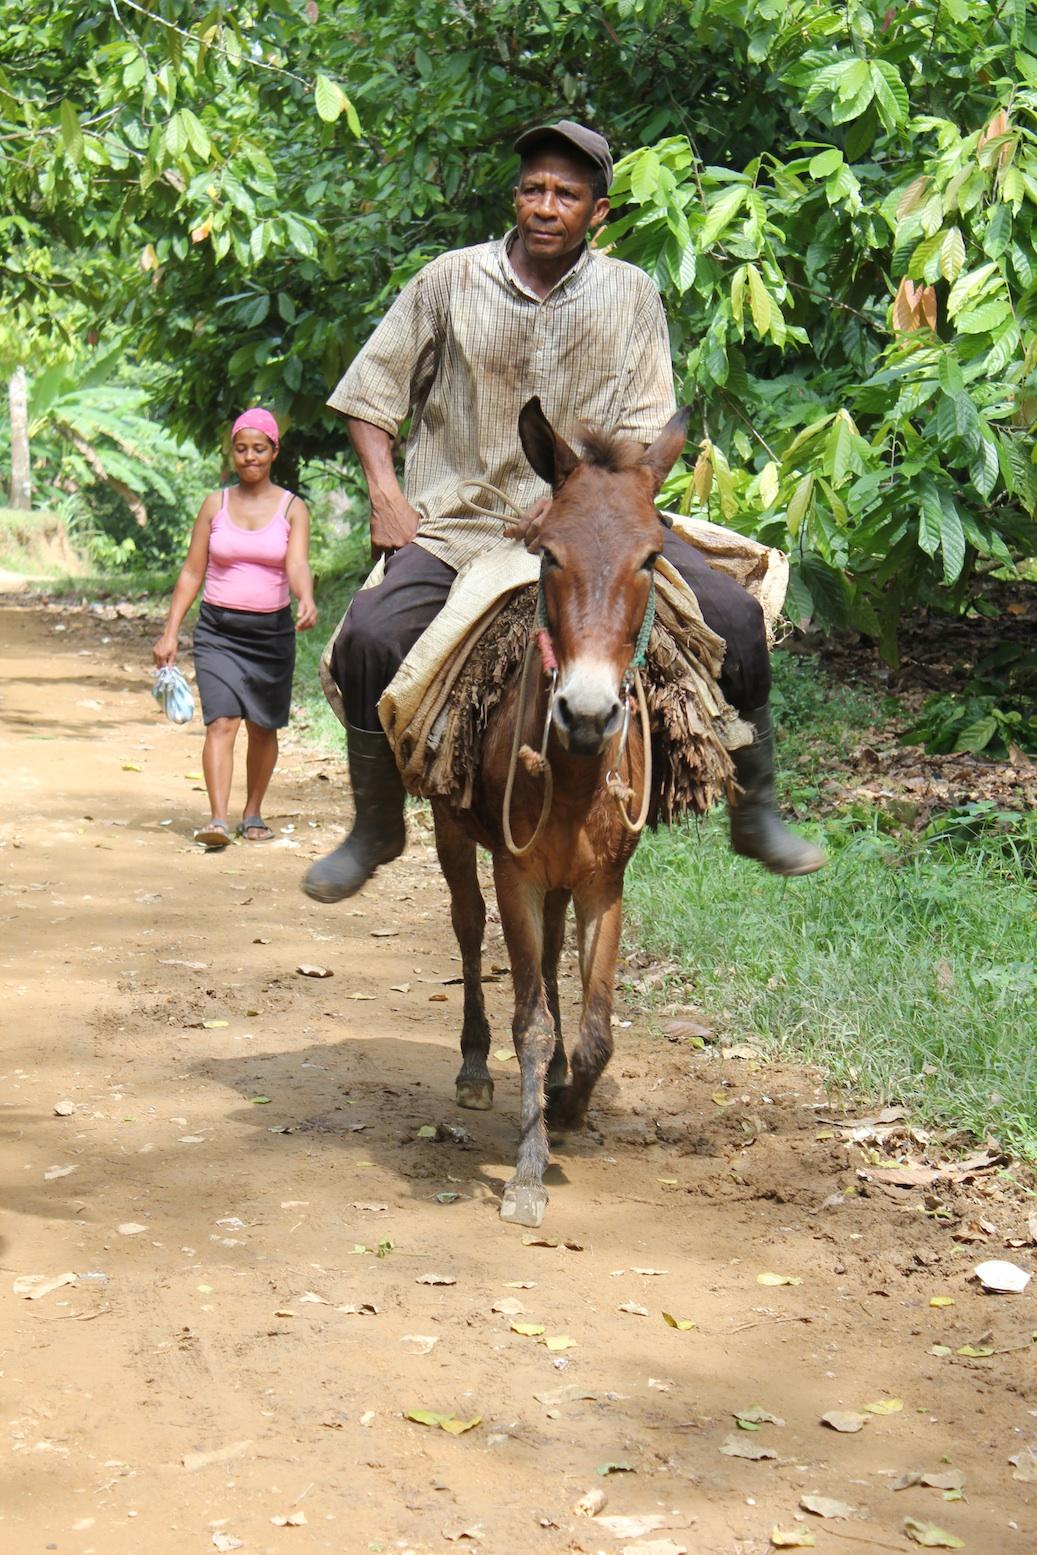 Mules bringing cacao